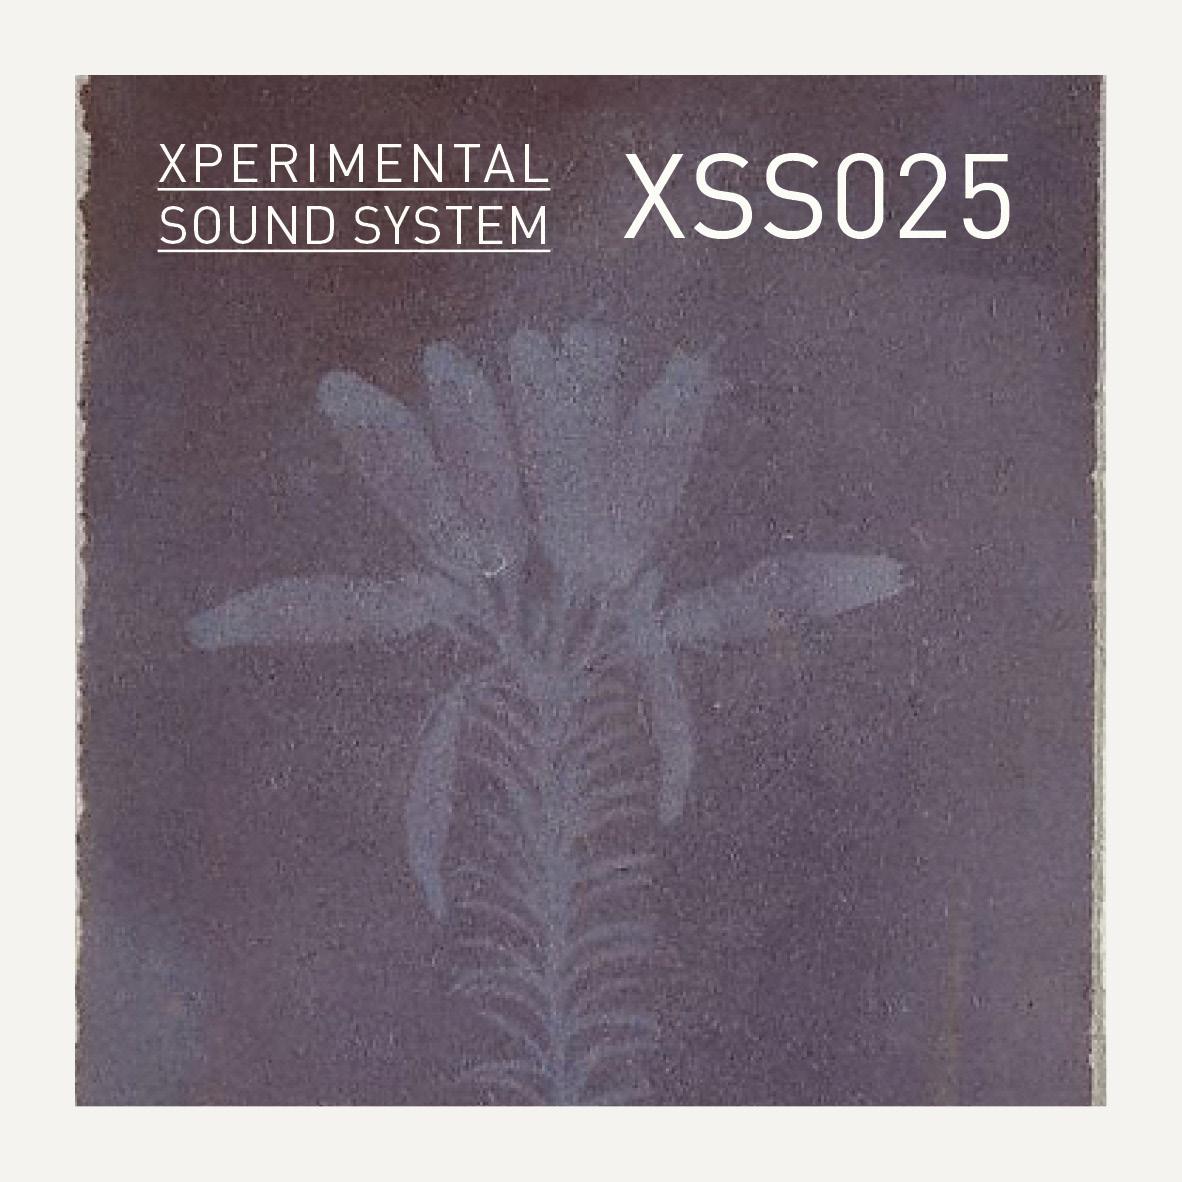 XSS025